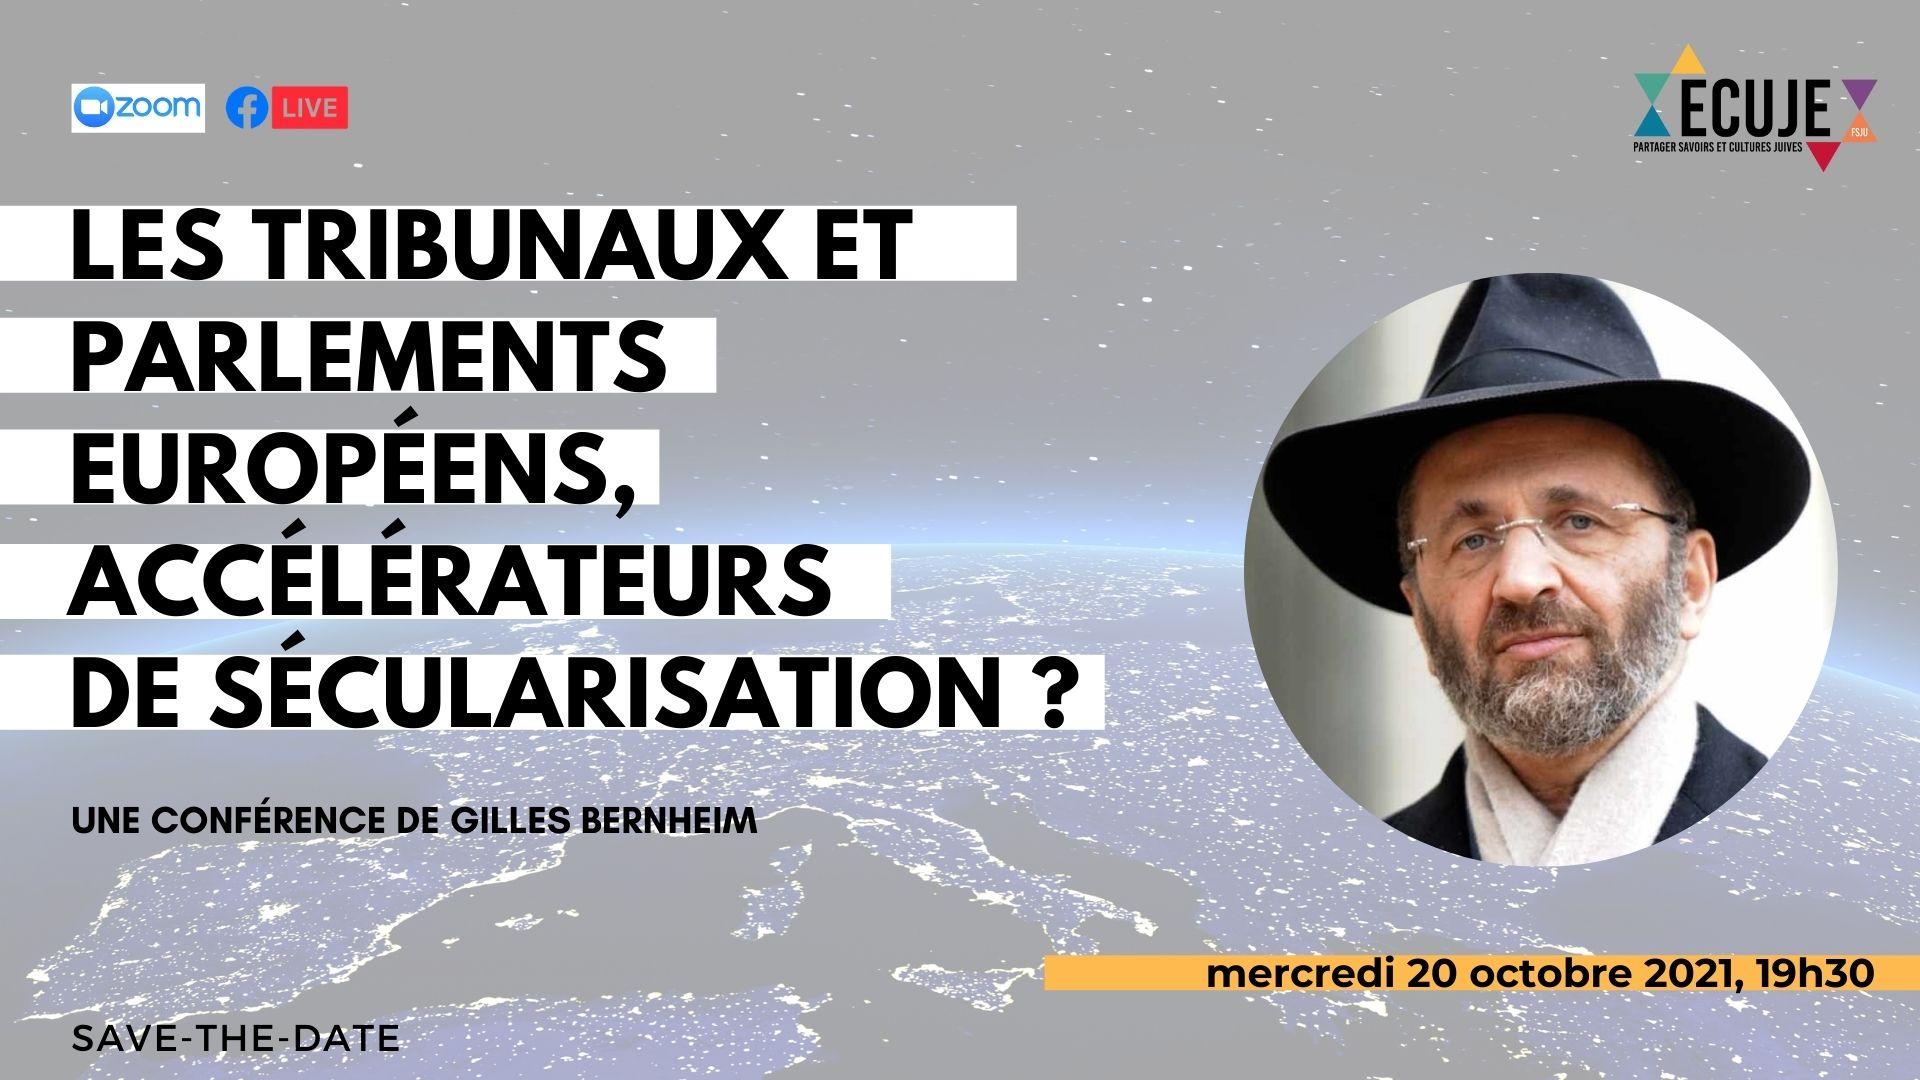 Les tribunaux et parlements européens, accélérateurs de sécularisation?, avec Gilles Bernheim